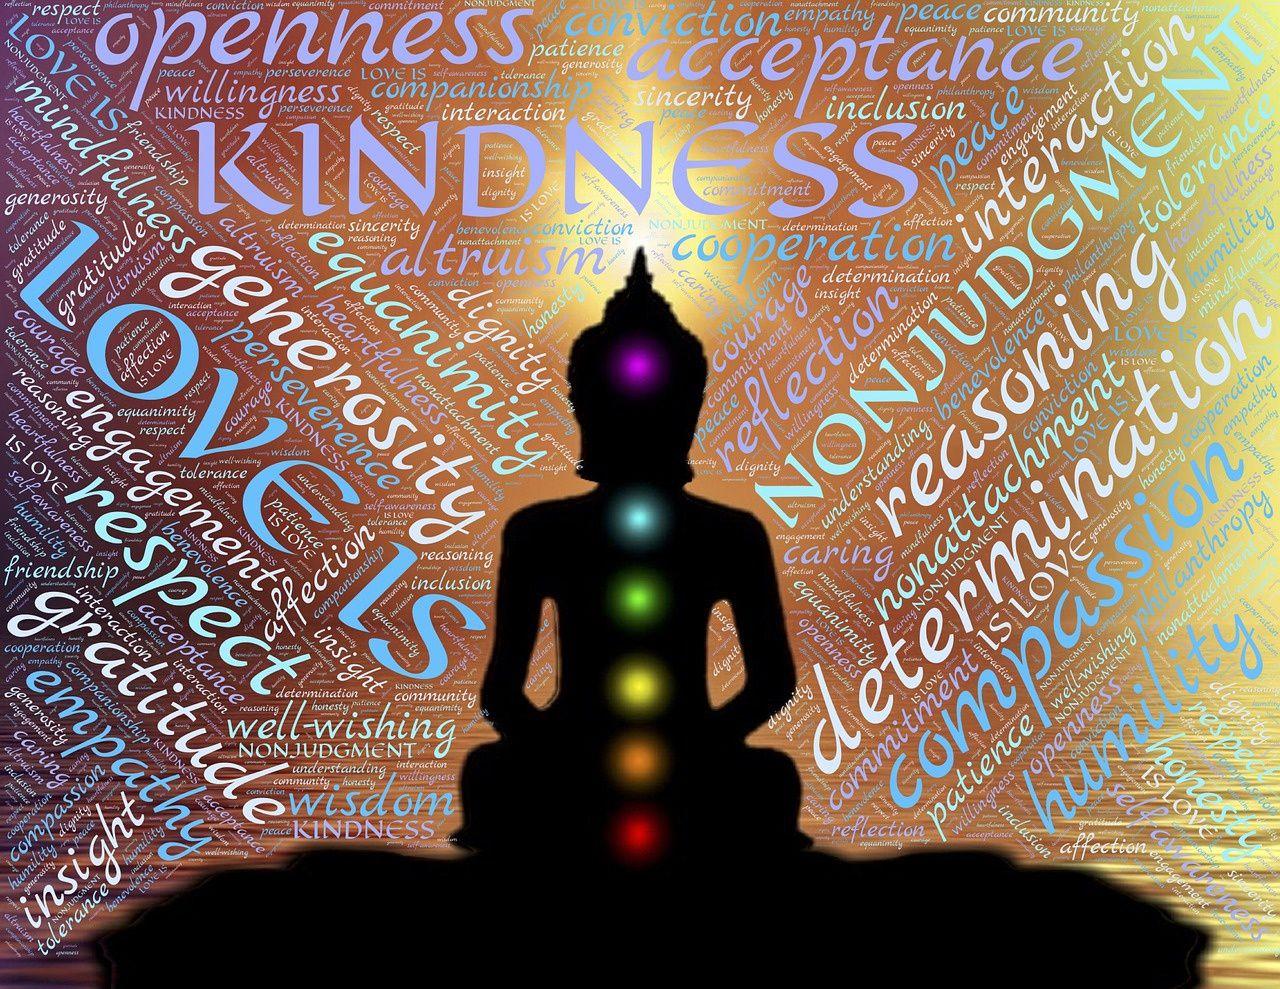 Magnifique Amour, citation de Bouddha - Un jour, une pensée &TK_11